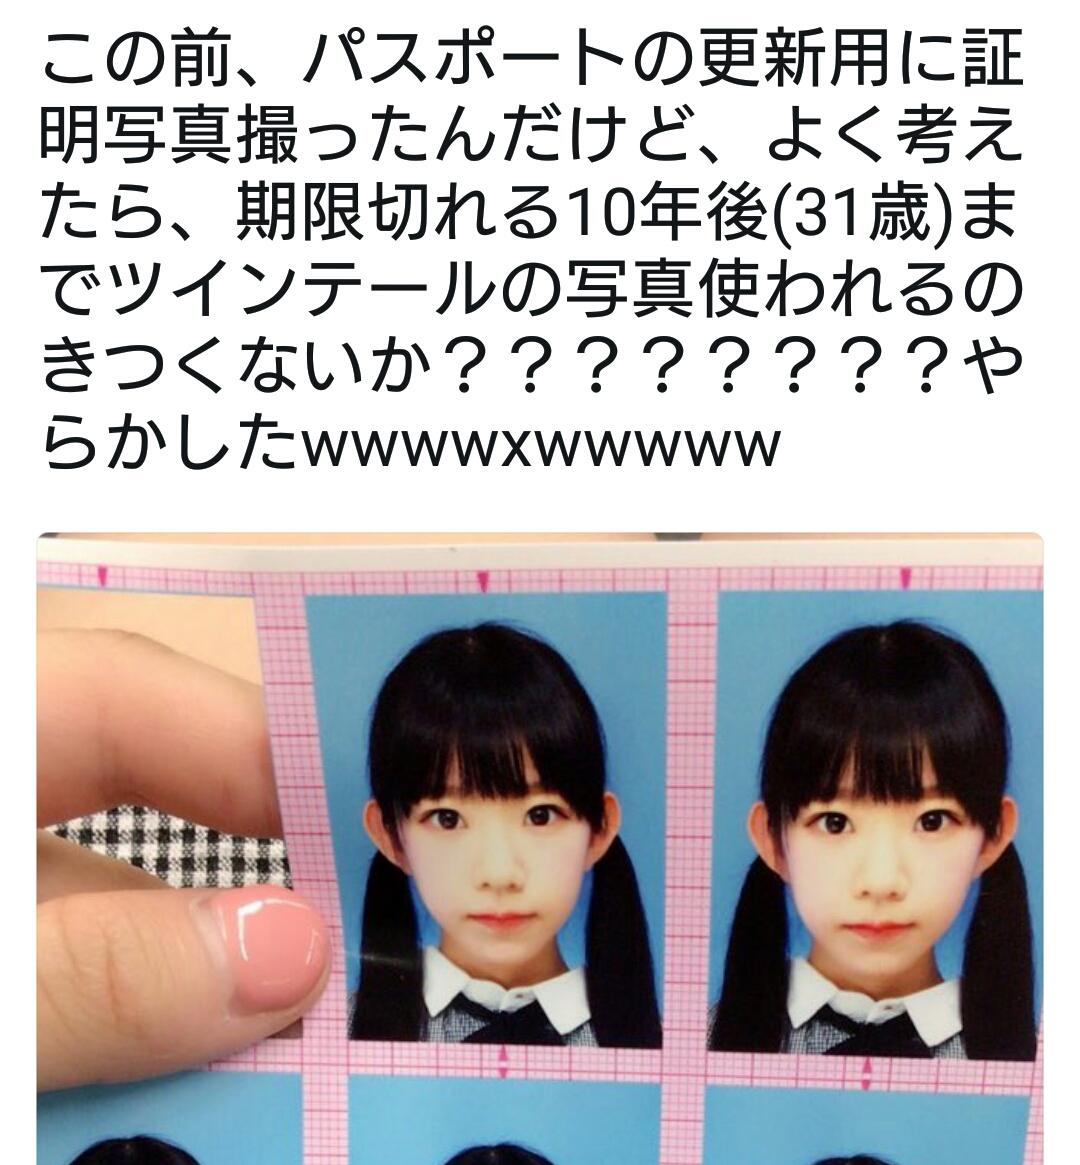 グラドル「パスポートの写真ツインテールにしたけど10年後キツくない?やらかしたw」パシャ